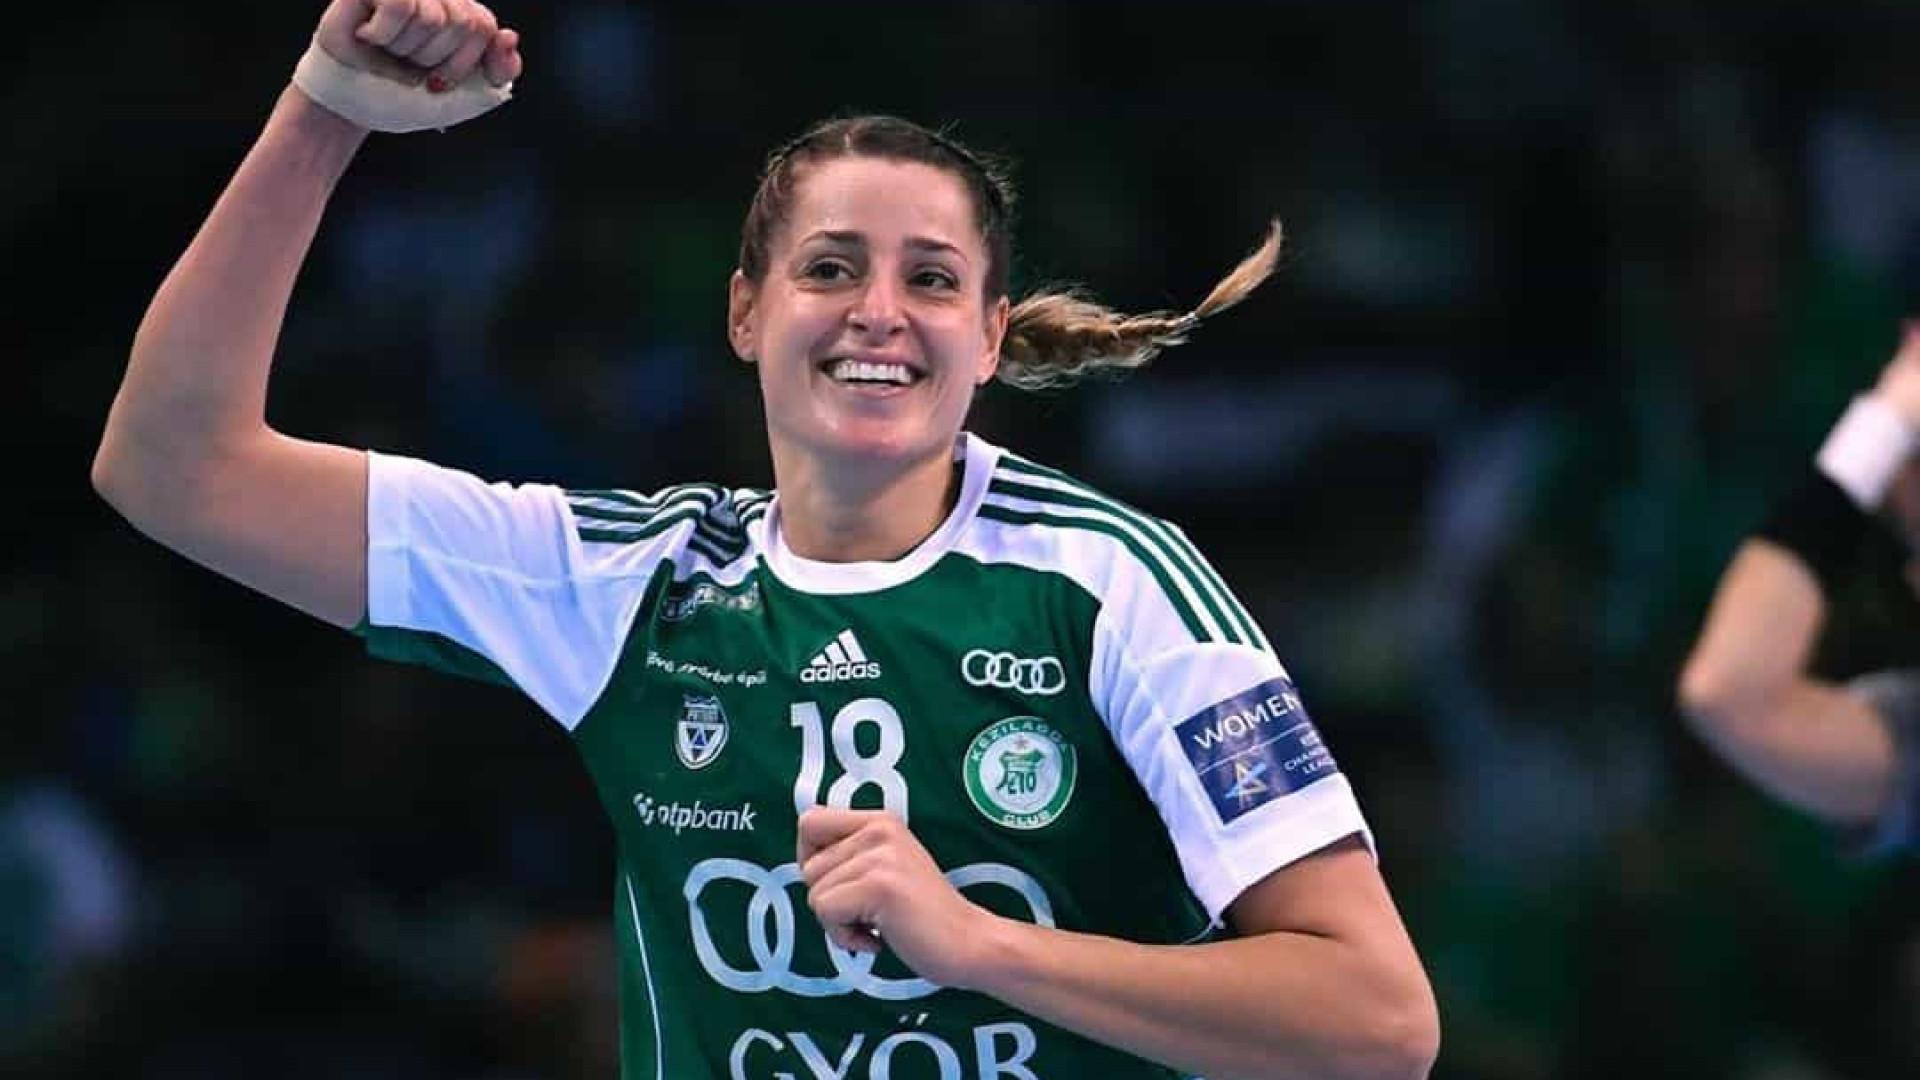 Duda Amorim é eleita a melhor jogadora de handebol da Europa em 2019